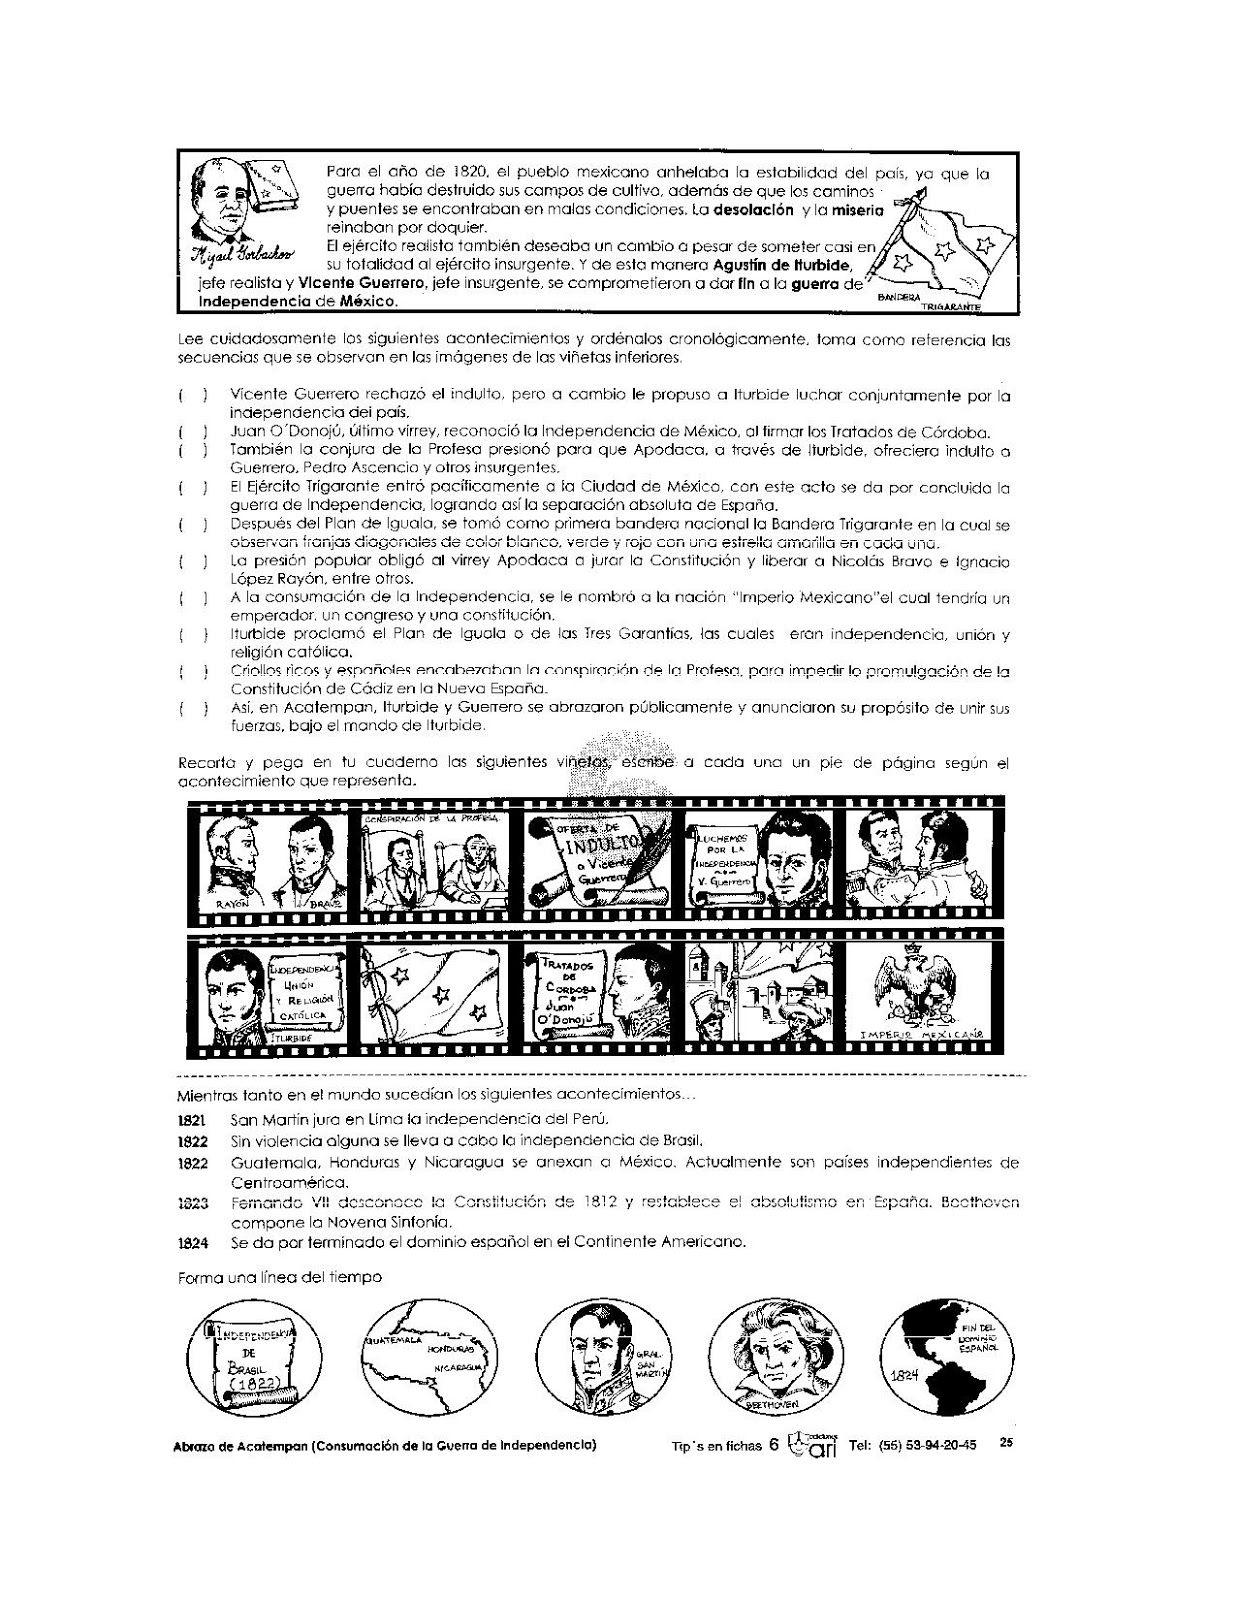 Ejercicio De La Consumacion De La Independencia Para Ninos Ensenanza De La Historia Actividades De Historia Actividades Secundaria